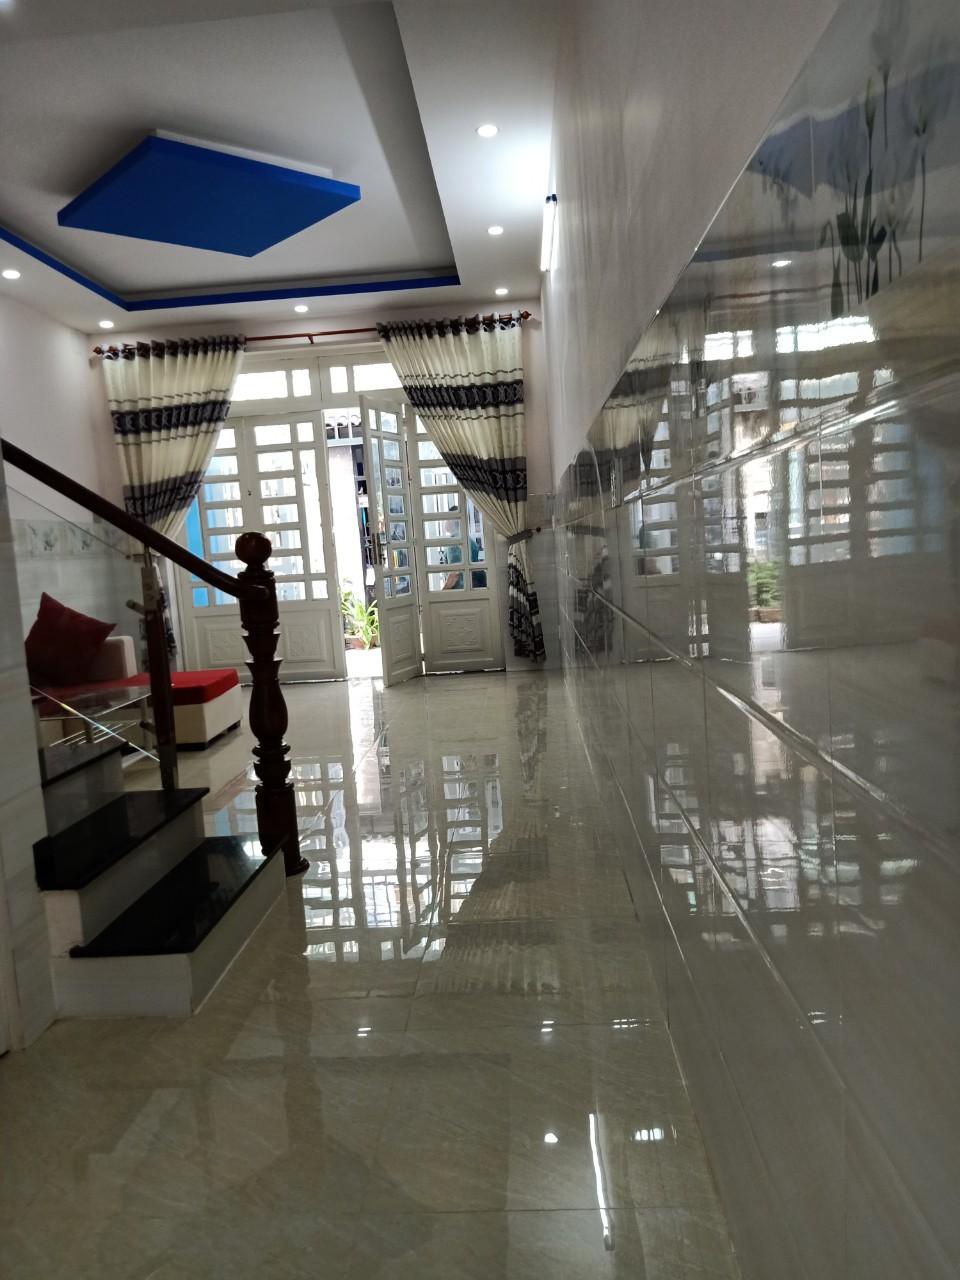 Bán nhà hẻm 363 Đất Mới phường Bình Trị Đông A quận Bình Tân